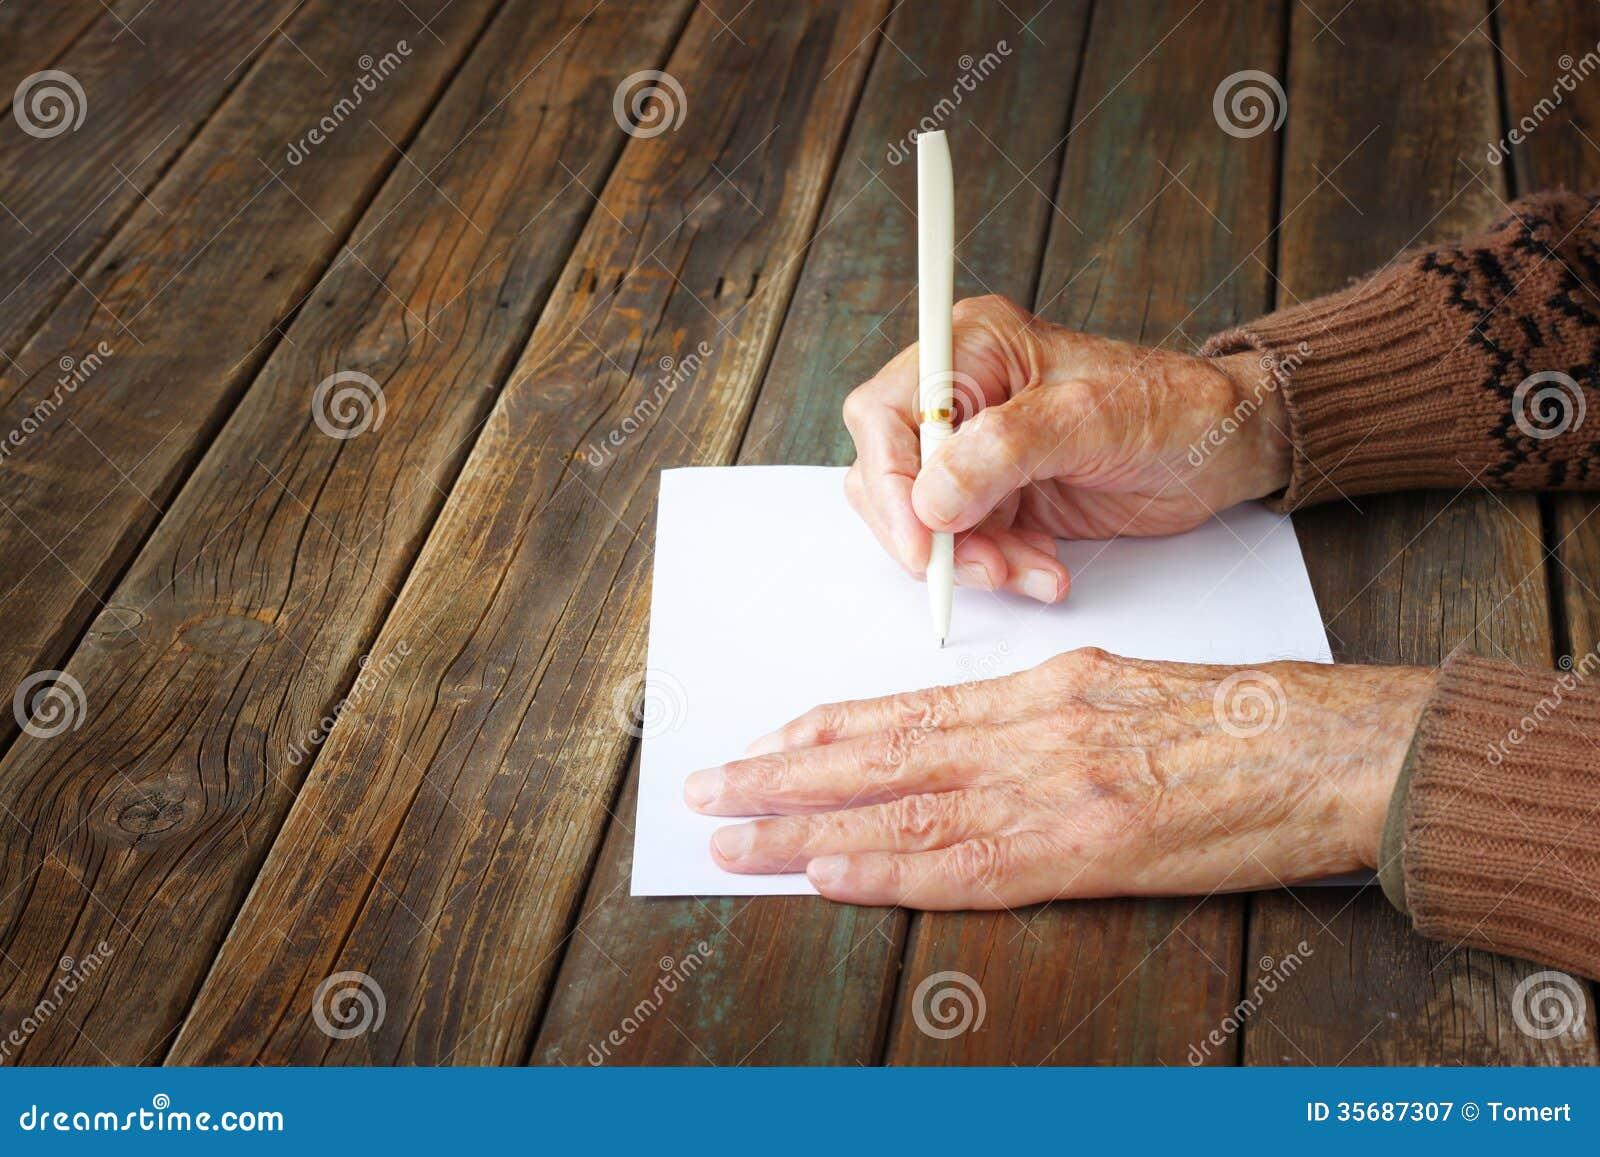 Elderly Photo Essay corlytics tom kenny corlytics ross corlytics regtech summit  Corlytics FCA banner